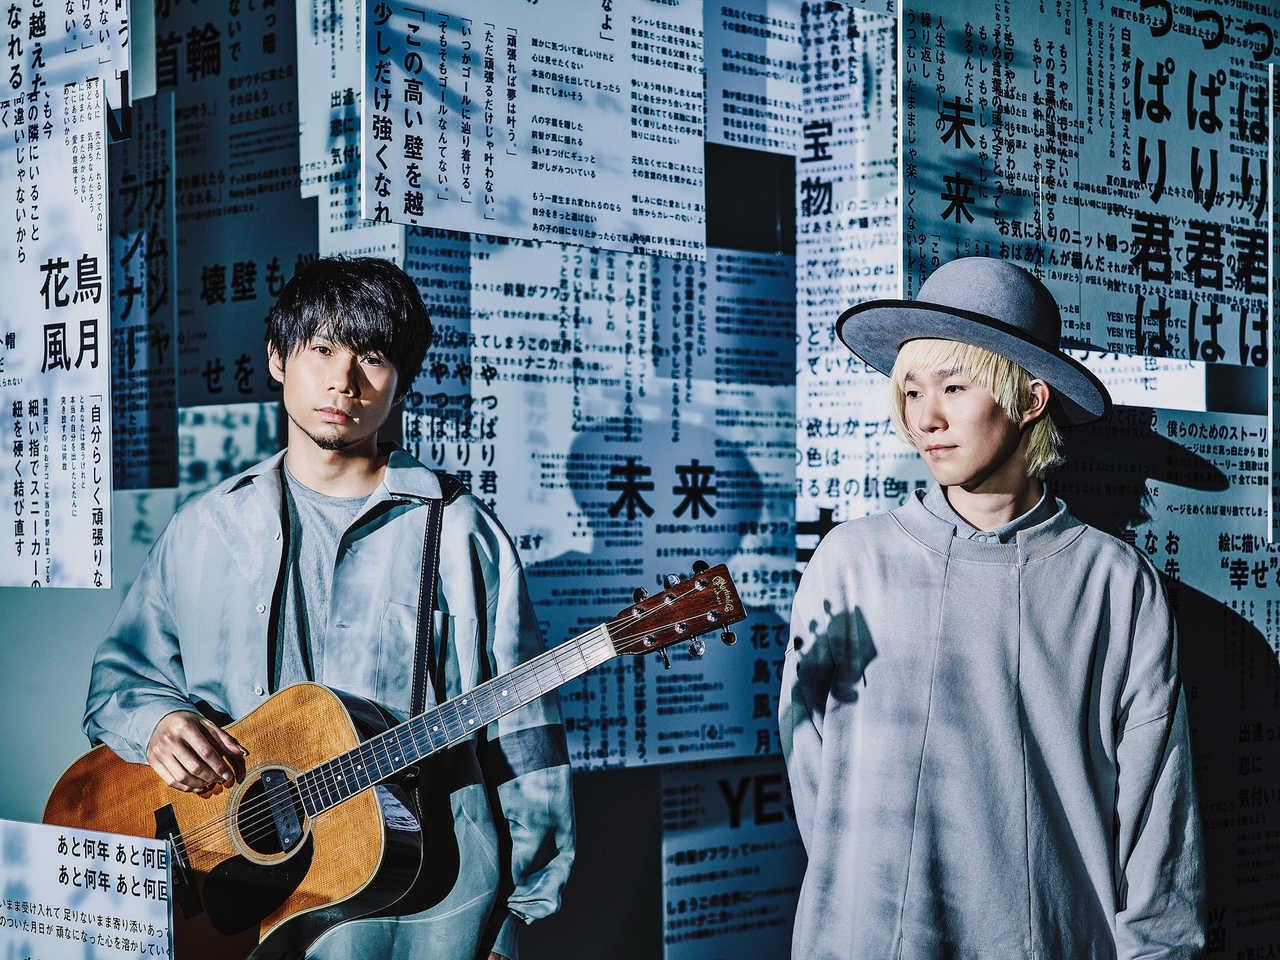 吉田山田、インターネット無観客ライブを実施!さらに最新曲と話題の楽曲のテレビ初歌唱が決定!